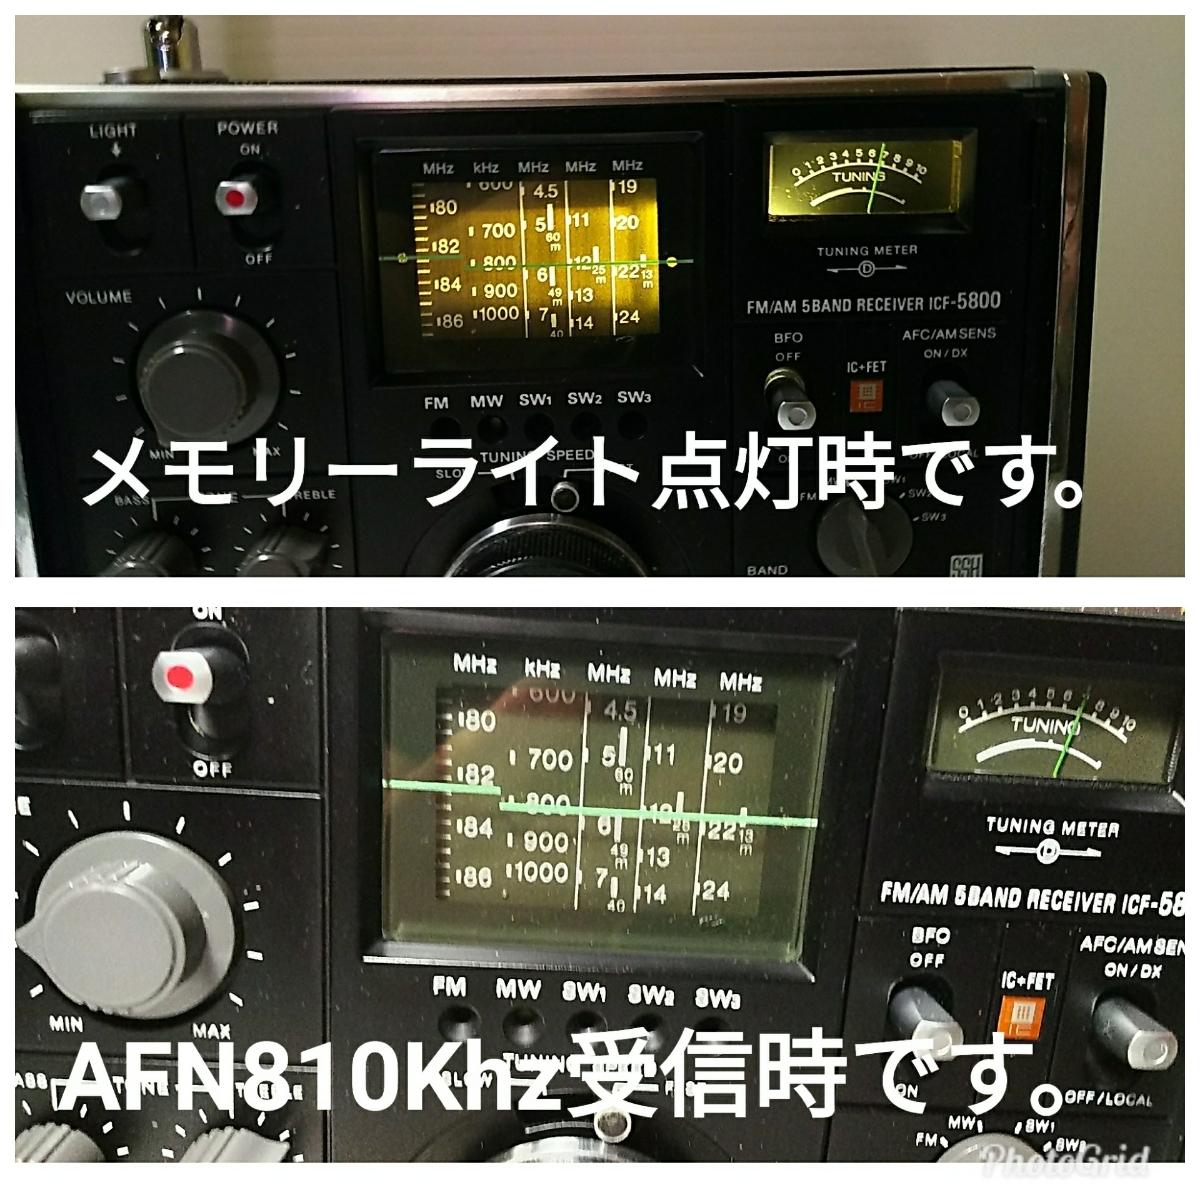 整備 調整済みSONYスカイセンサーICF5800 5バンドレシーバーワイドFM対応76~93Mhz ツィーター搭載2WAYスピーカー /メモリーライト_画像10